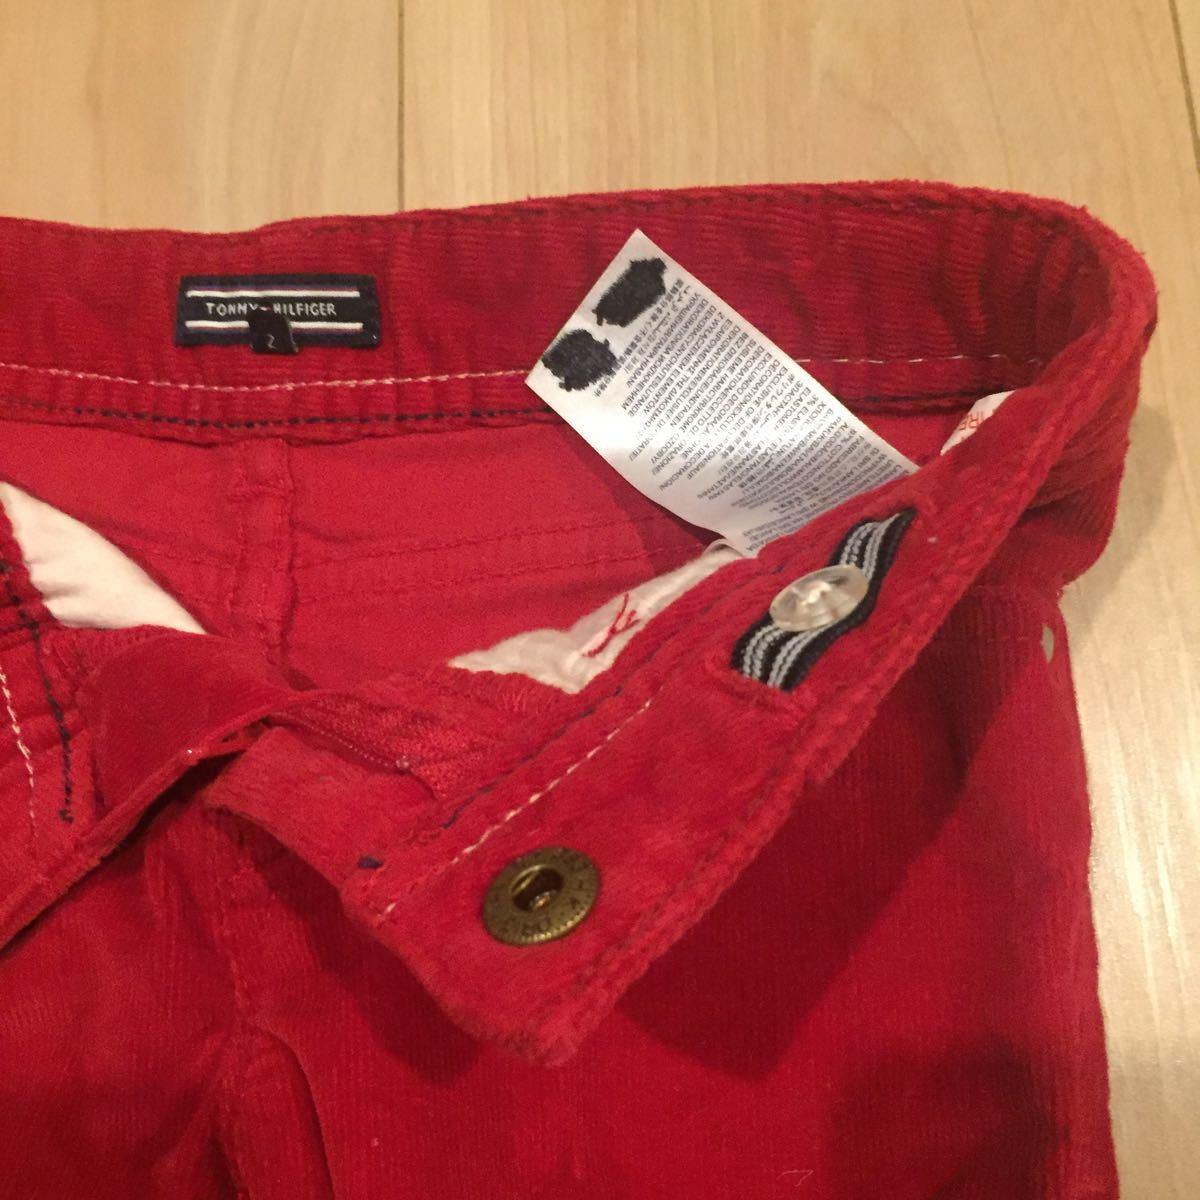 キッズ 幼児 トミーヒルフィガー TOMMY HILFIGER 92 赤 コーデュロイ 美品 パンツ グリッターパーツ ハートスタッズ 男女兼用 華やか 元気_画像5